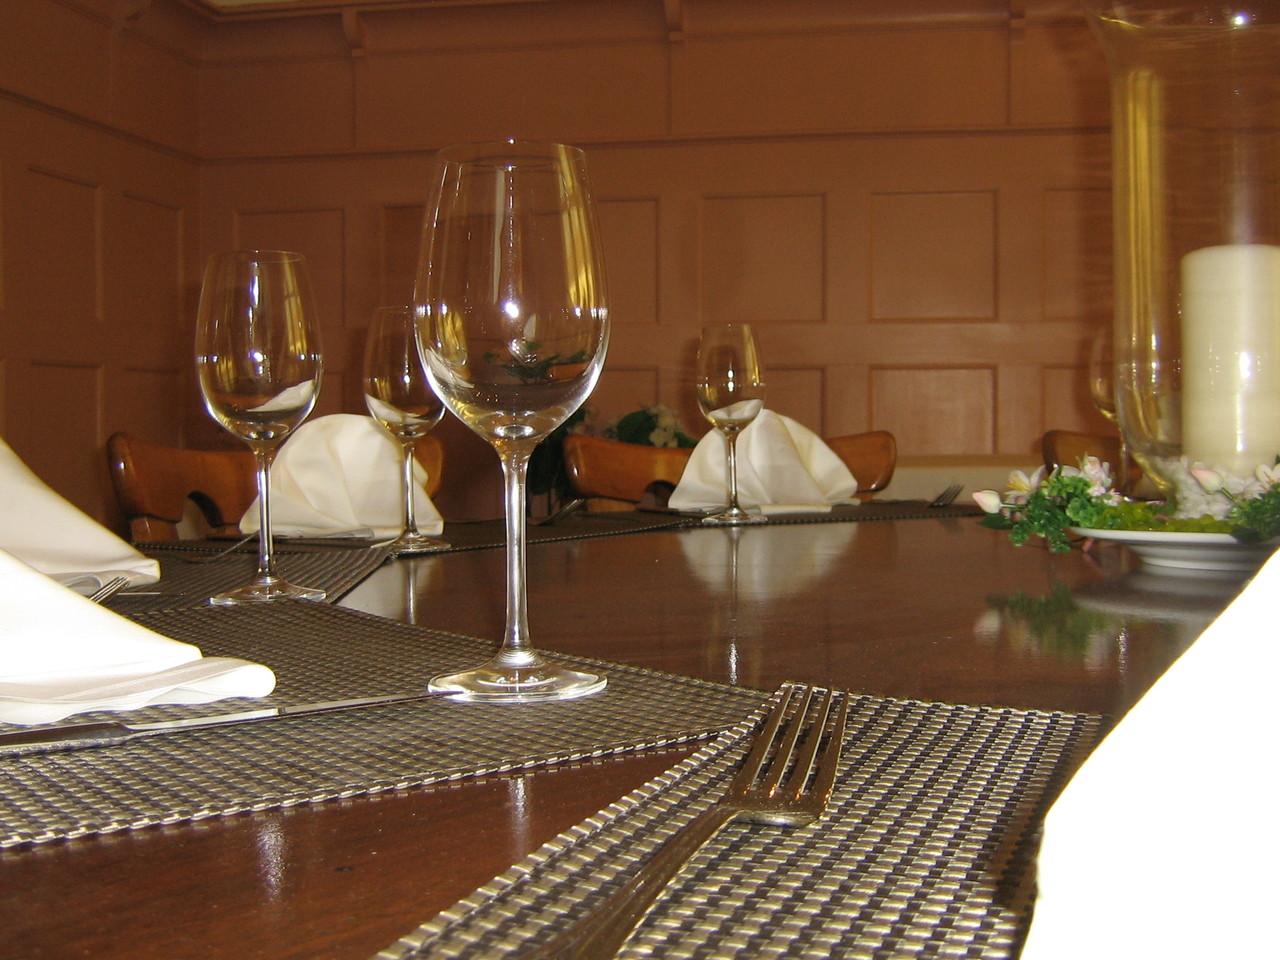 Nebenzimmer Tisch